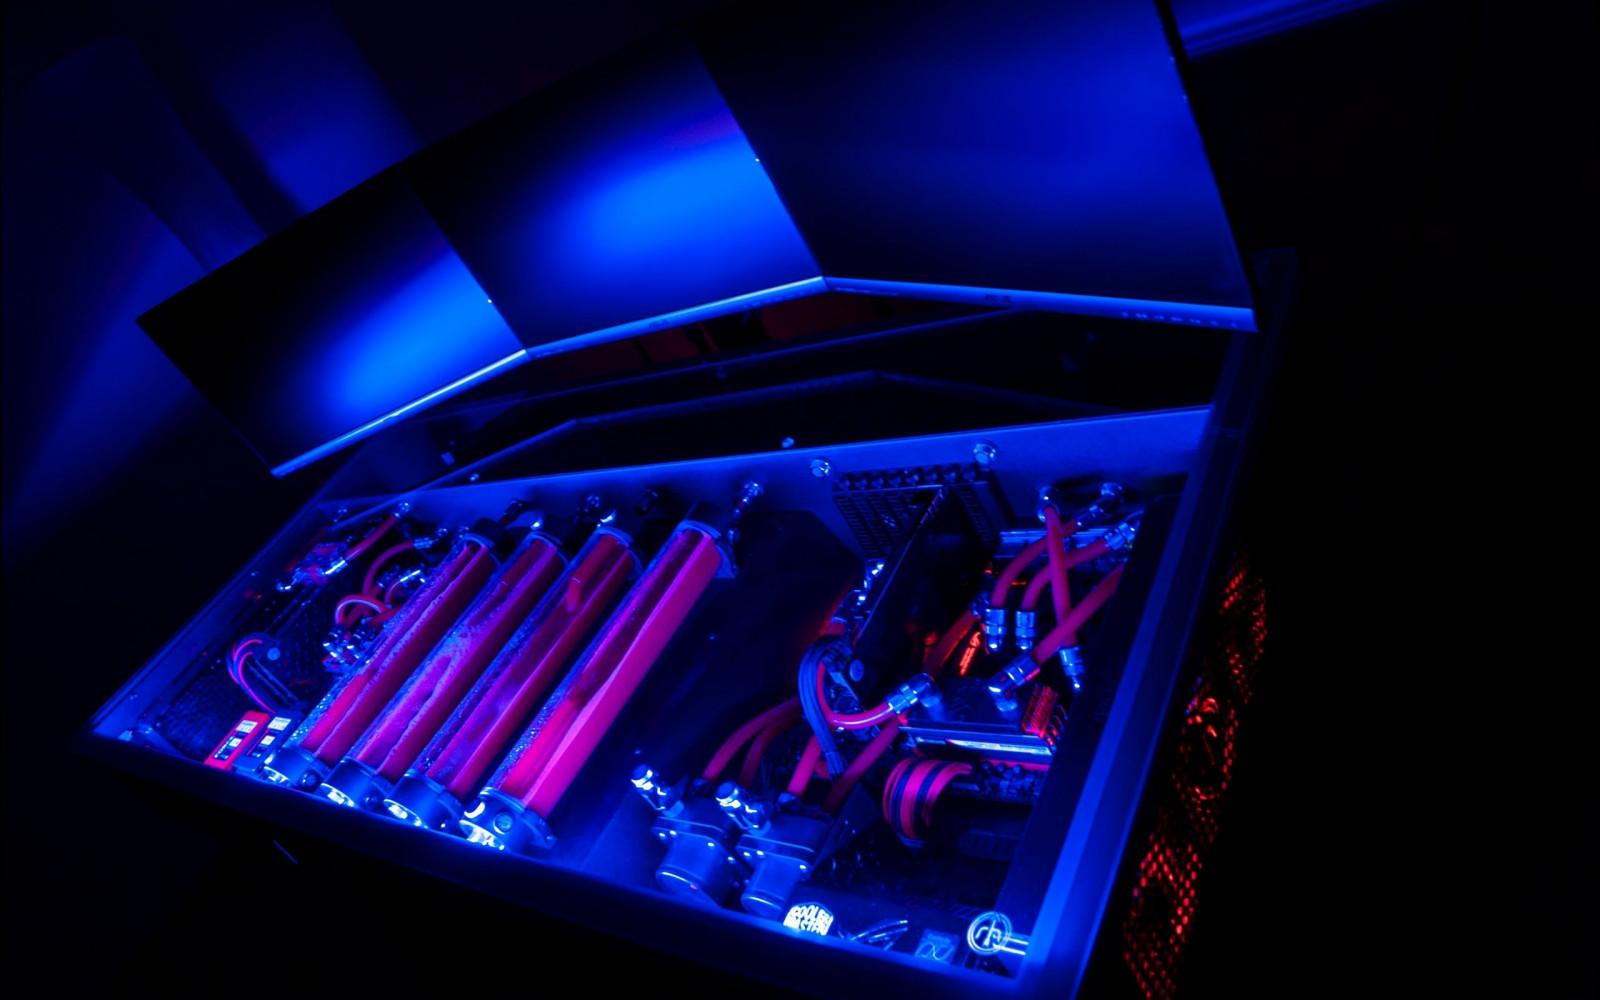 Fond D 233 Cran Bleu Ordinateur La Technologie Jeux Pc